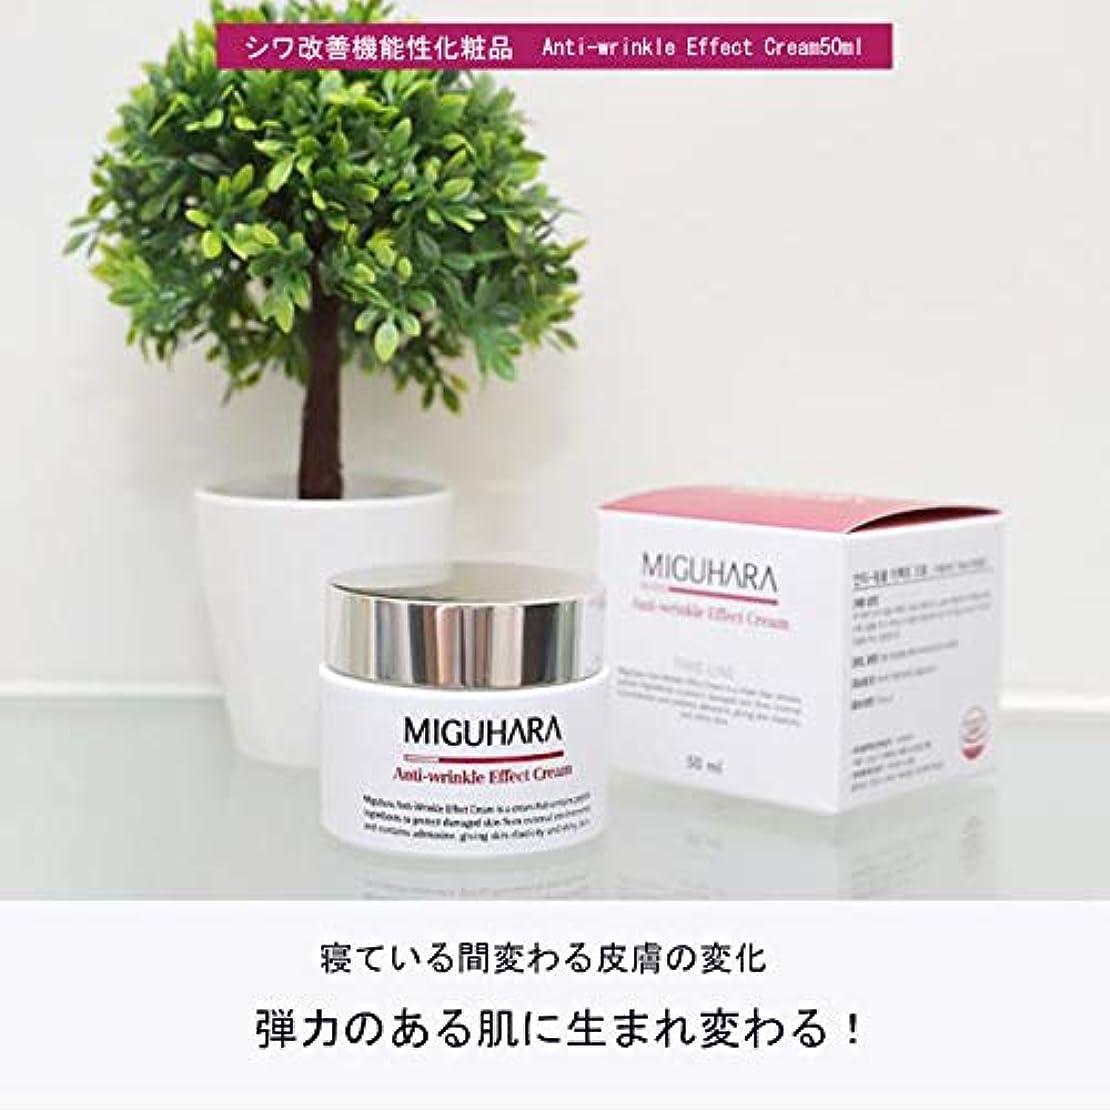 ビーチ祝福消費MIGUHARA アンチ-リンクルエフェクトクリーム 50ml / Anti-wrinkle Effect Cream 50ml